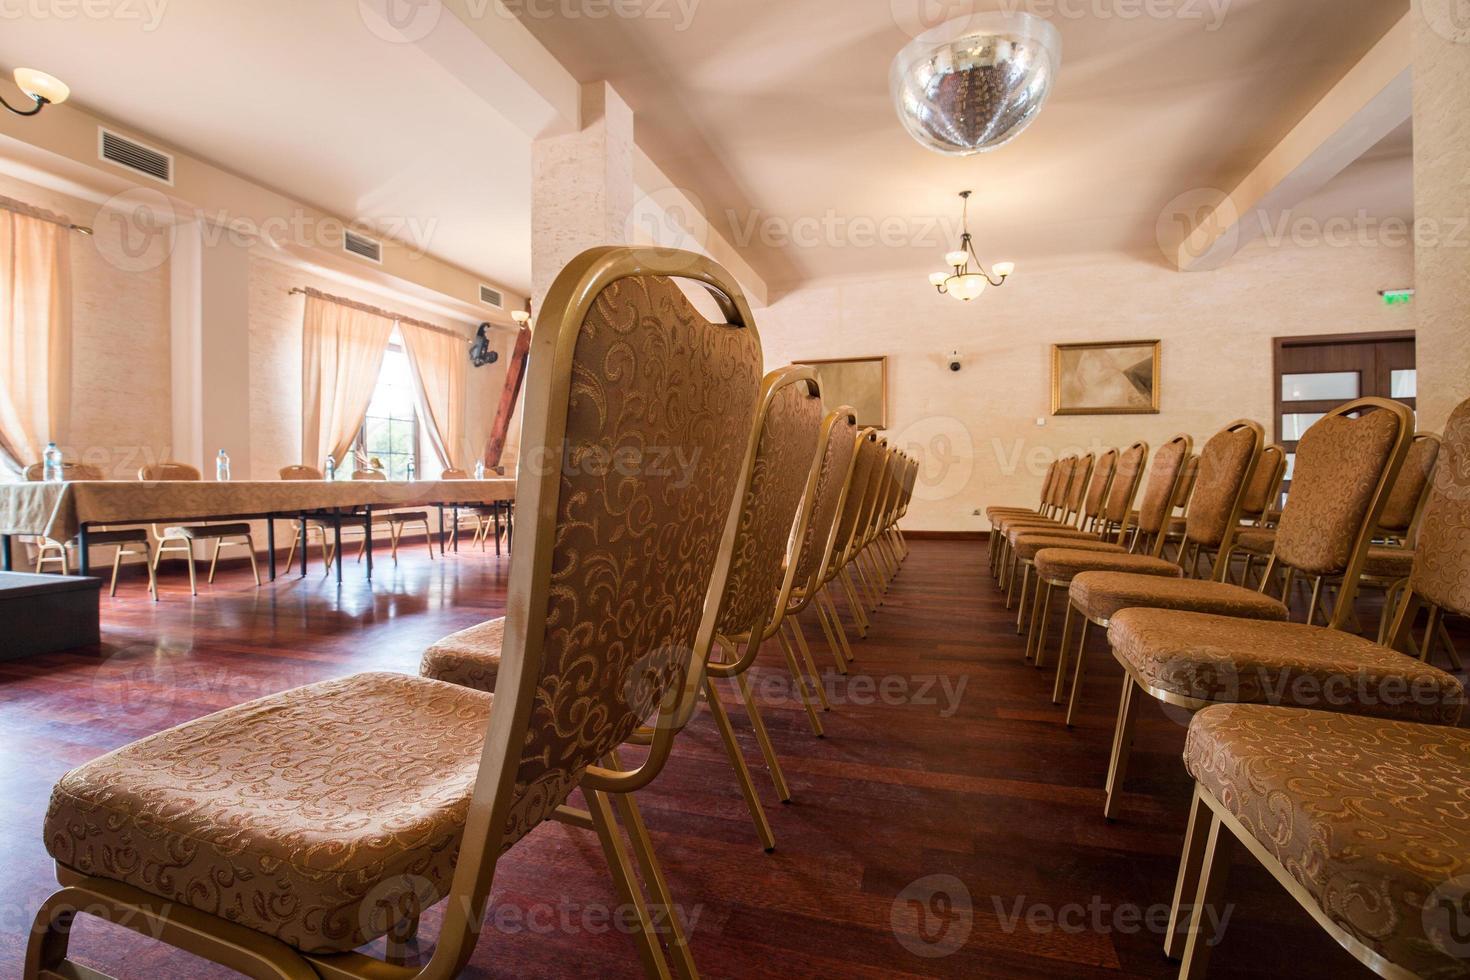 cadeiras marrons na aula do seminário foto